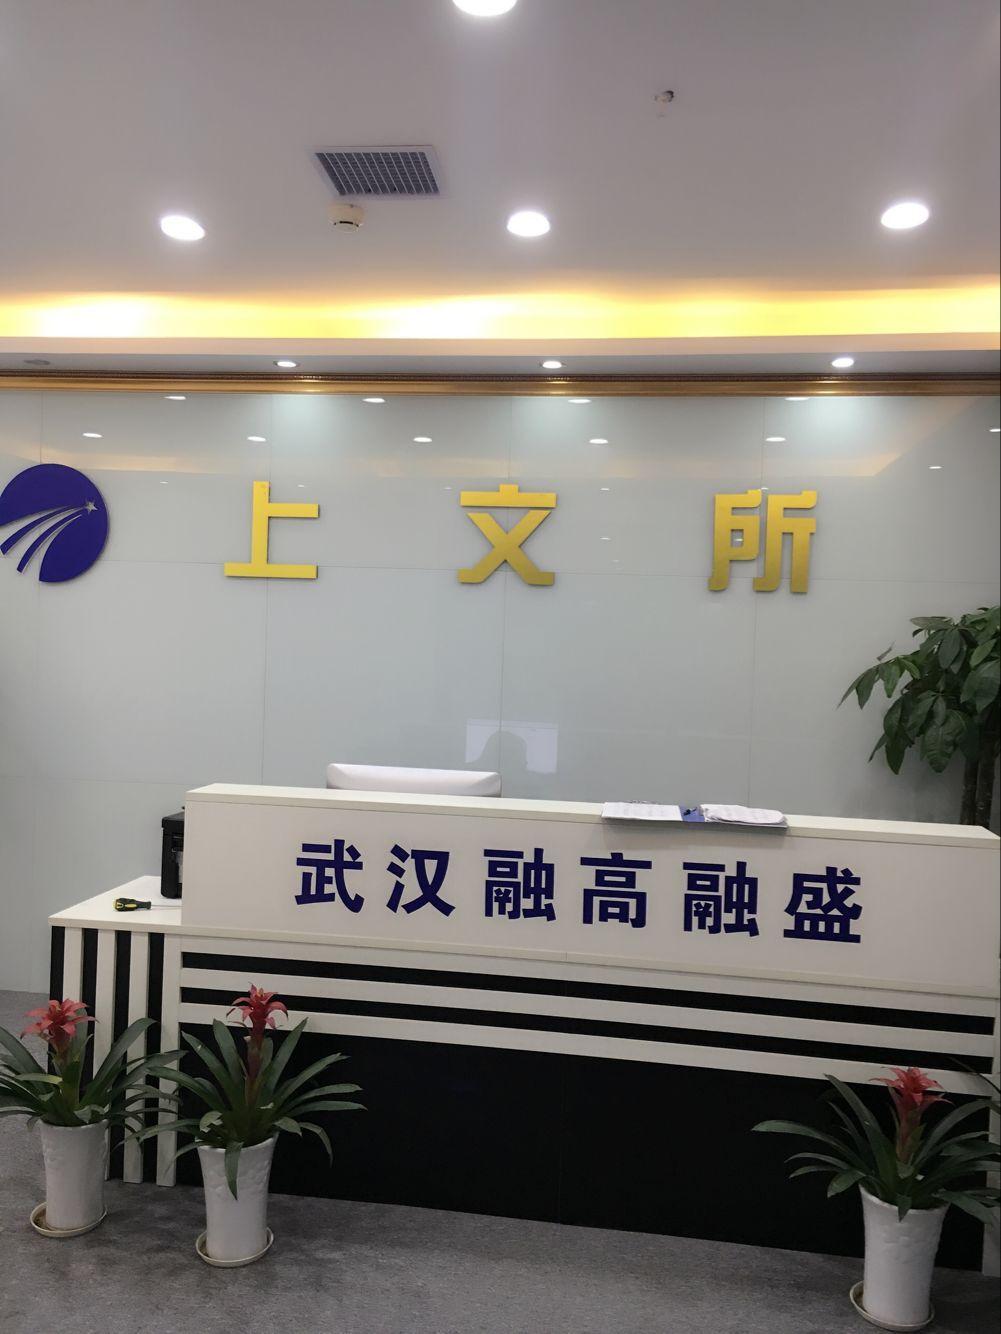 武汉融高融盛投资管理有限公司